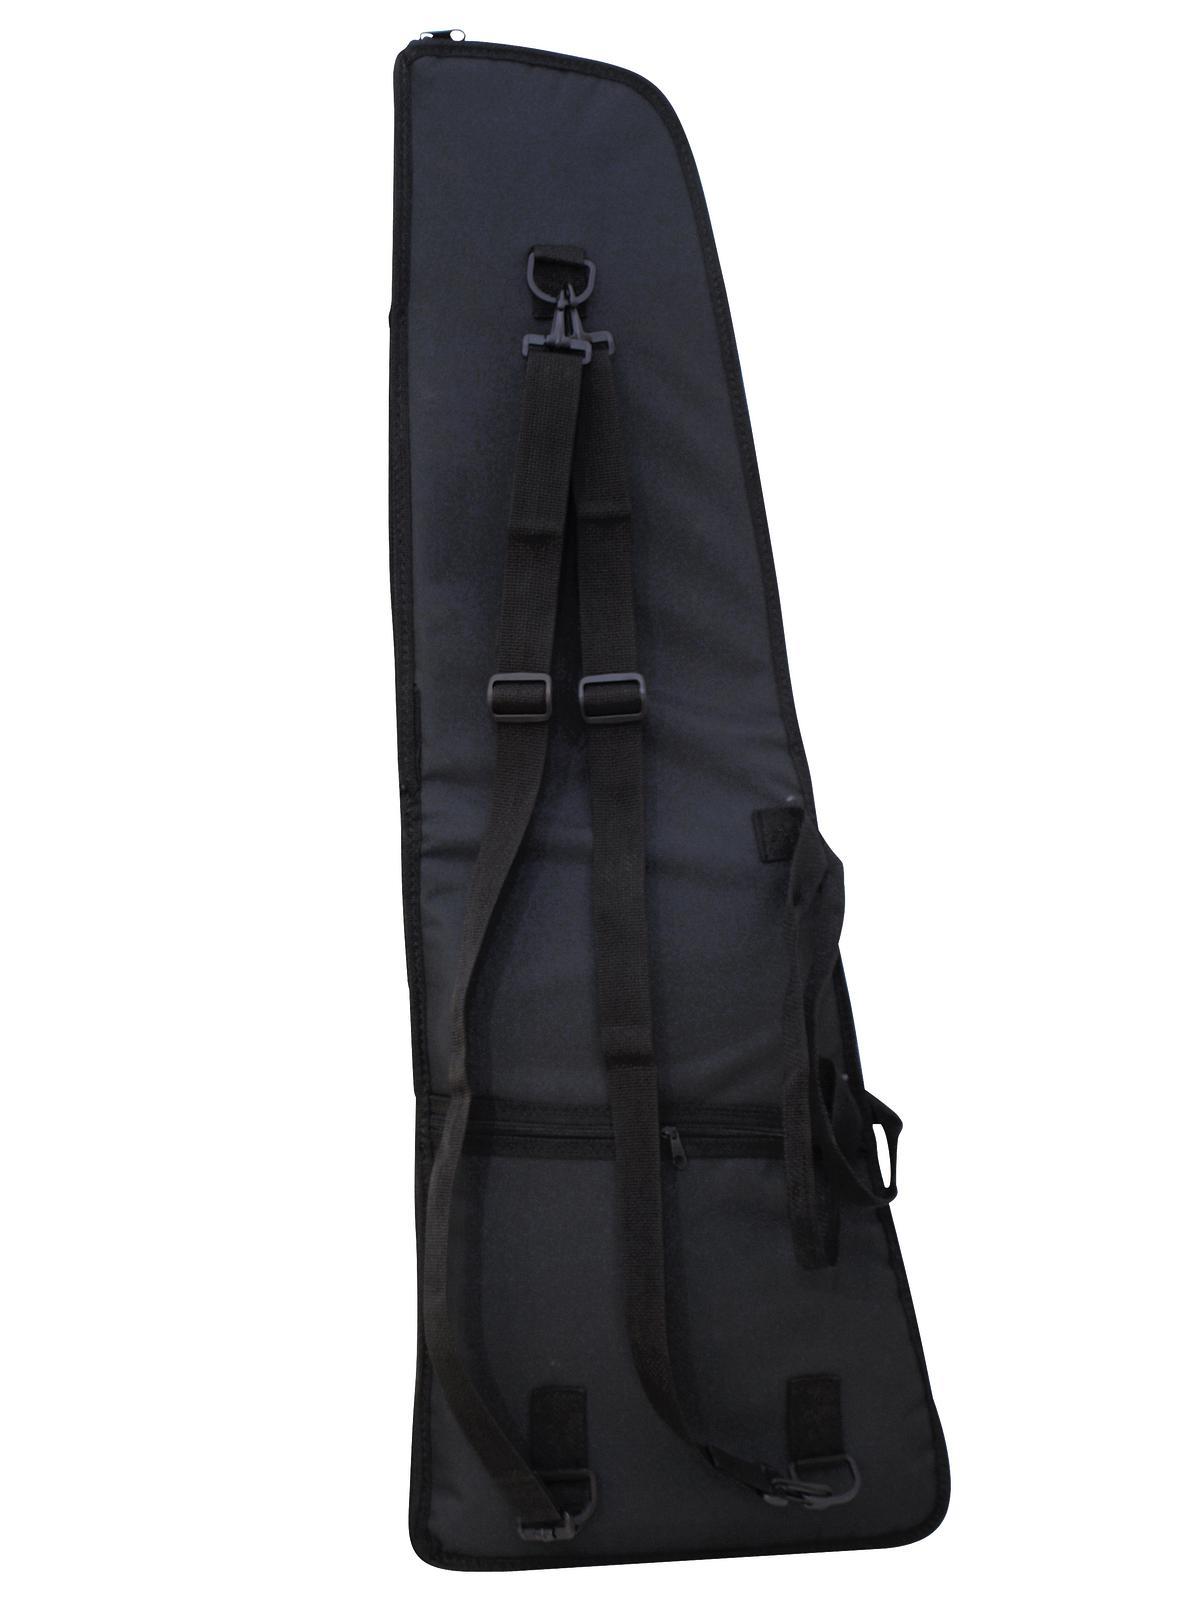 Borsa Custodia Bag per chitarra elettrica in nylon con zip e tracolle DIMAVERY